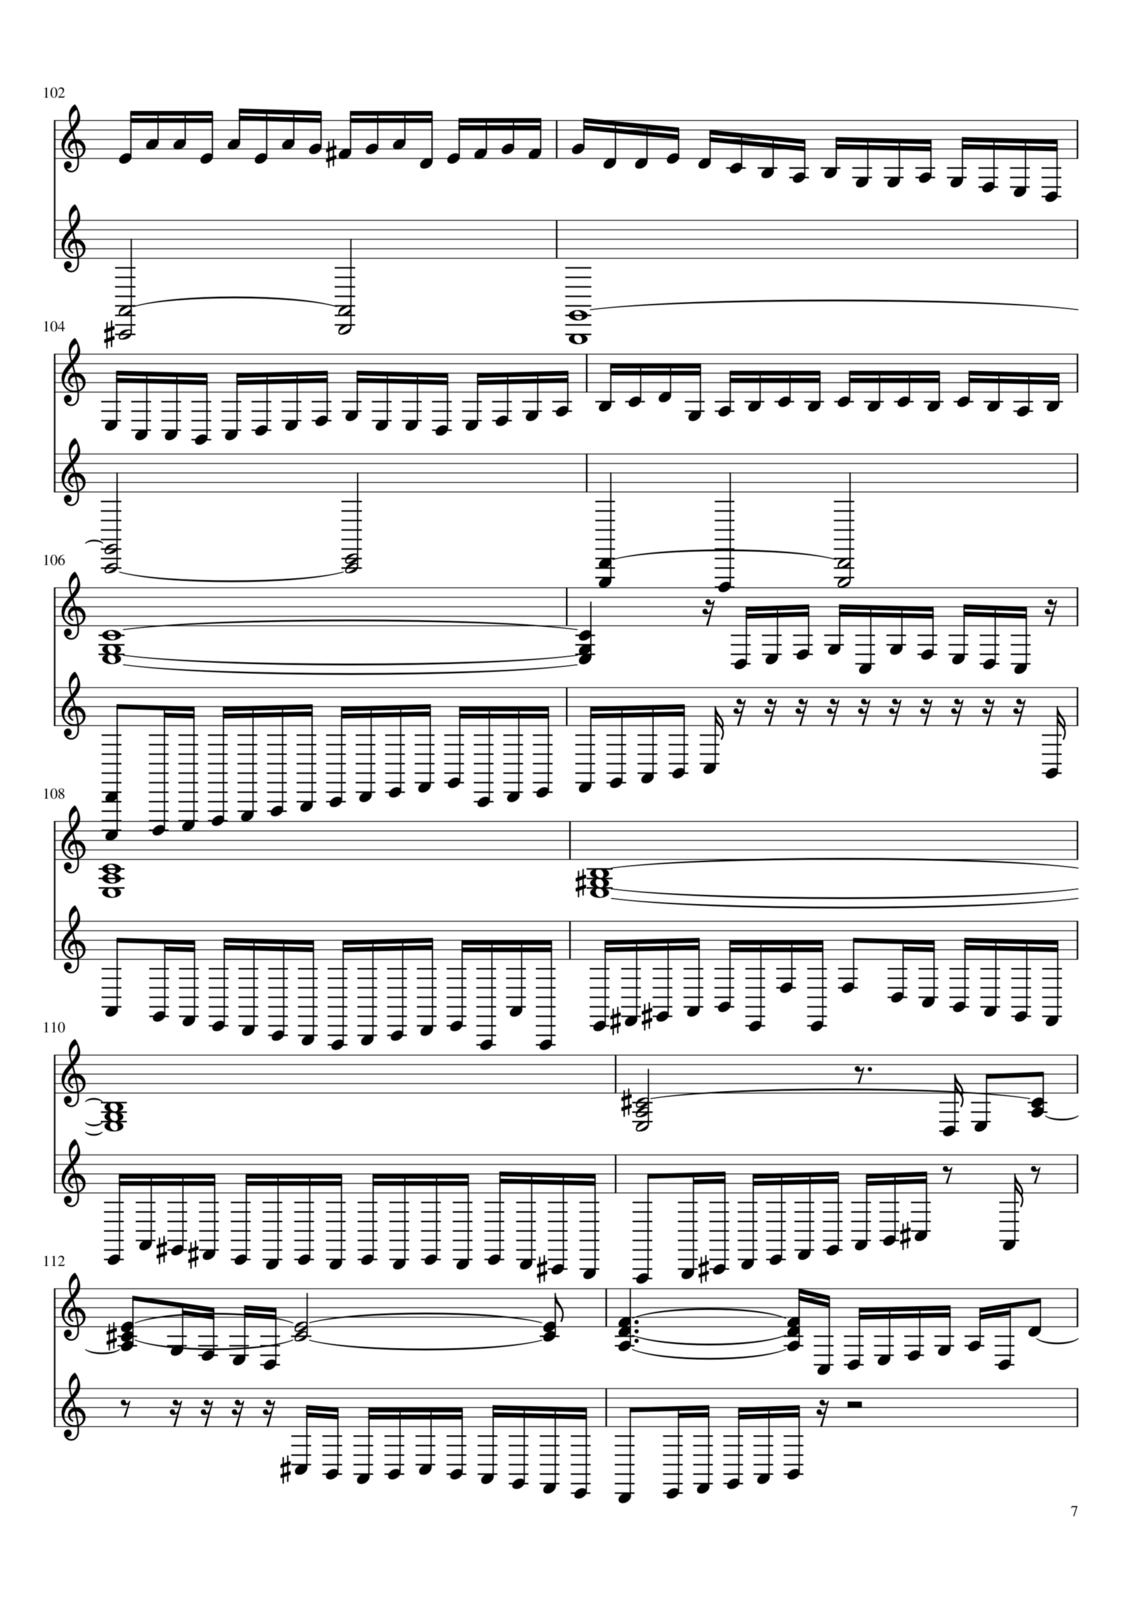 Toccata A-moll slide, Image 7